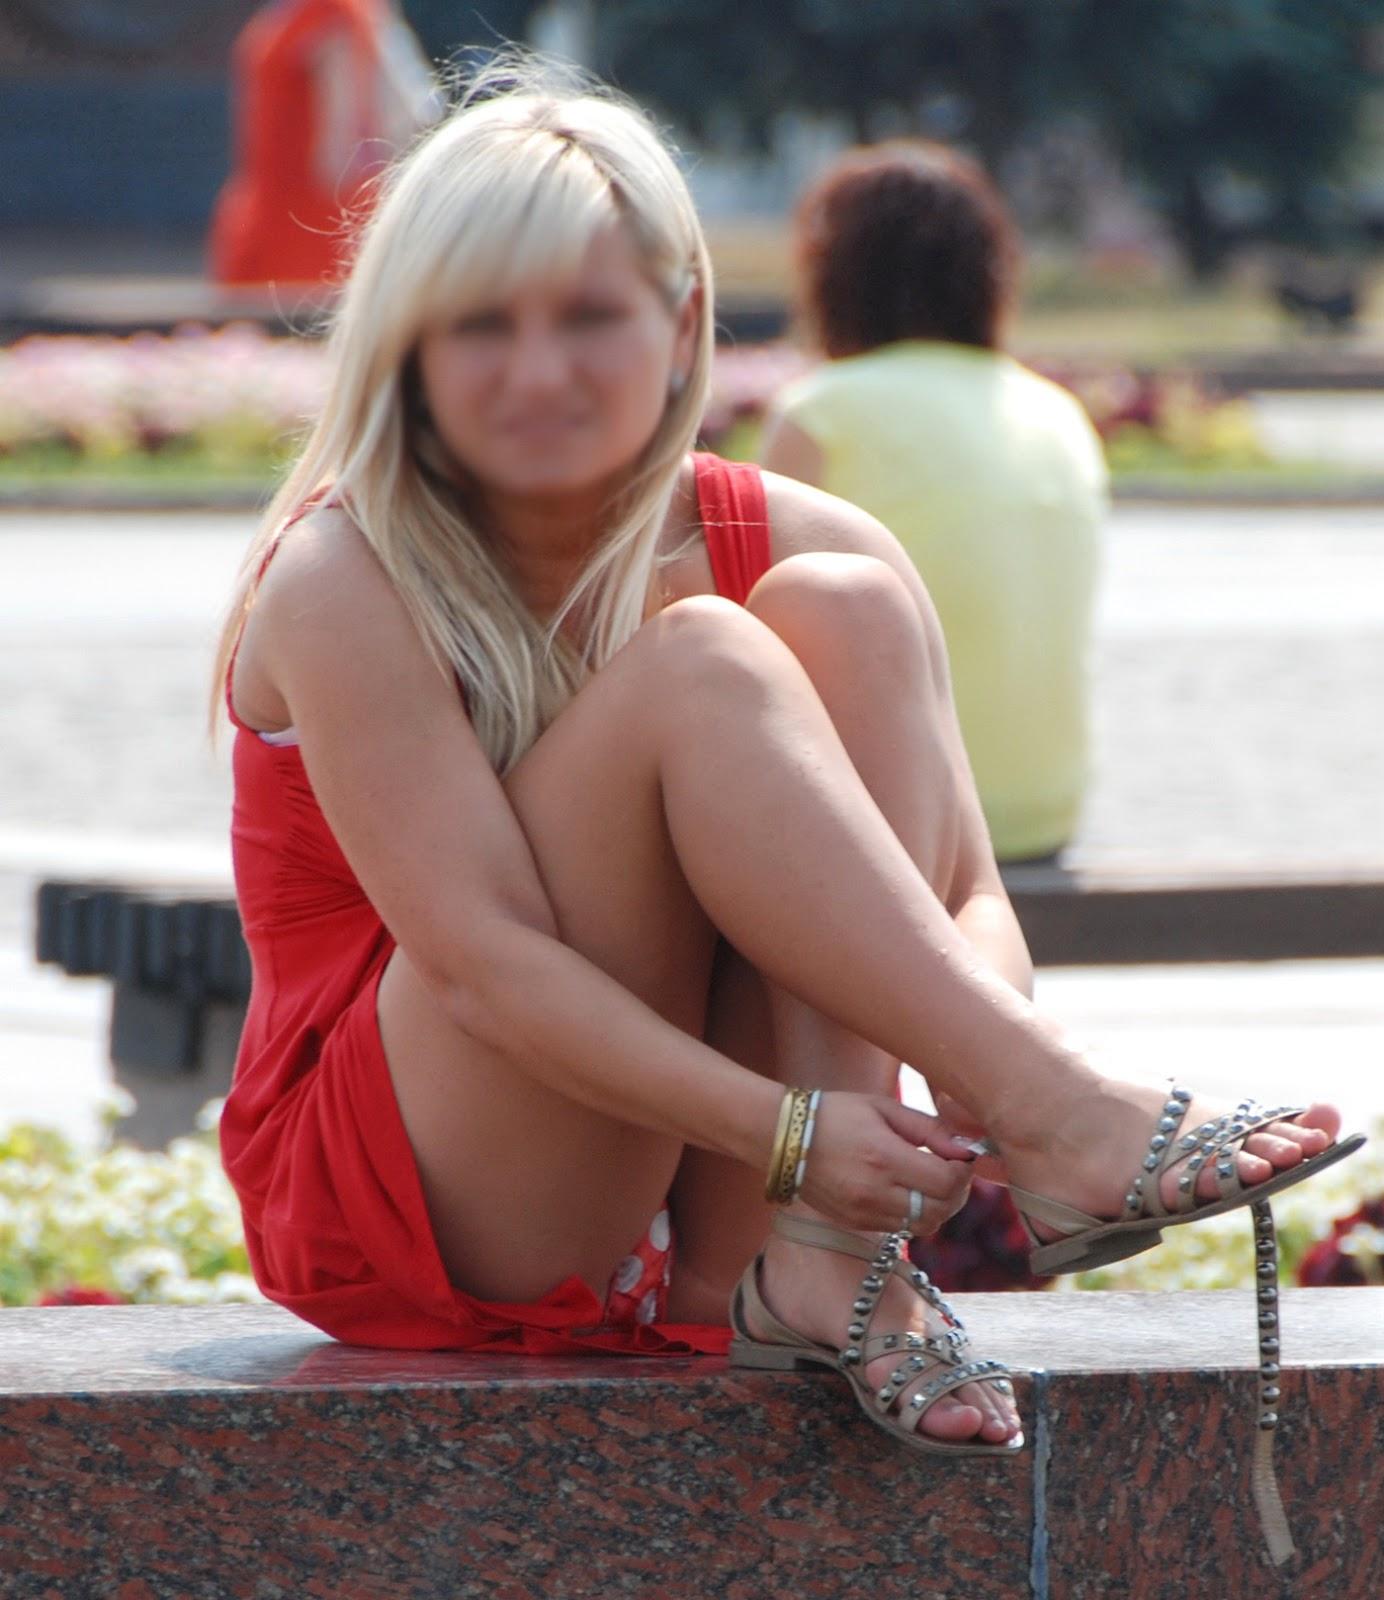 Hot Chick Masturbates in Public -